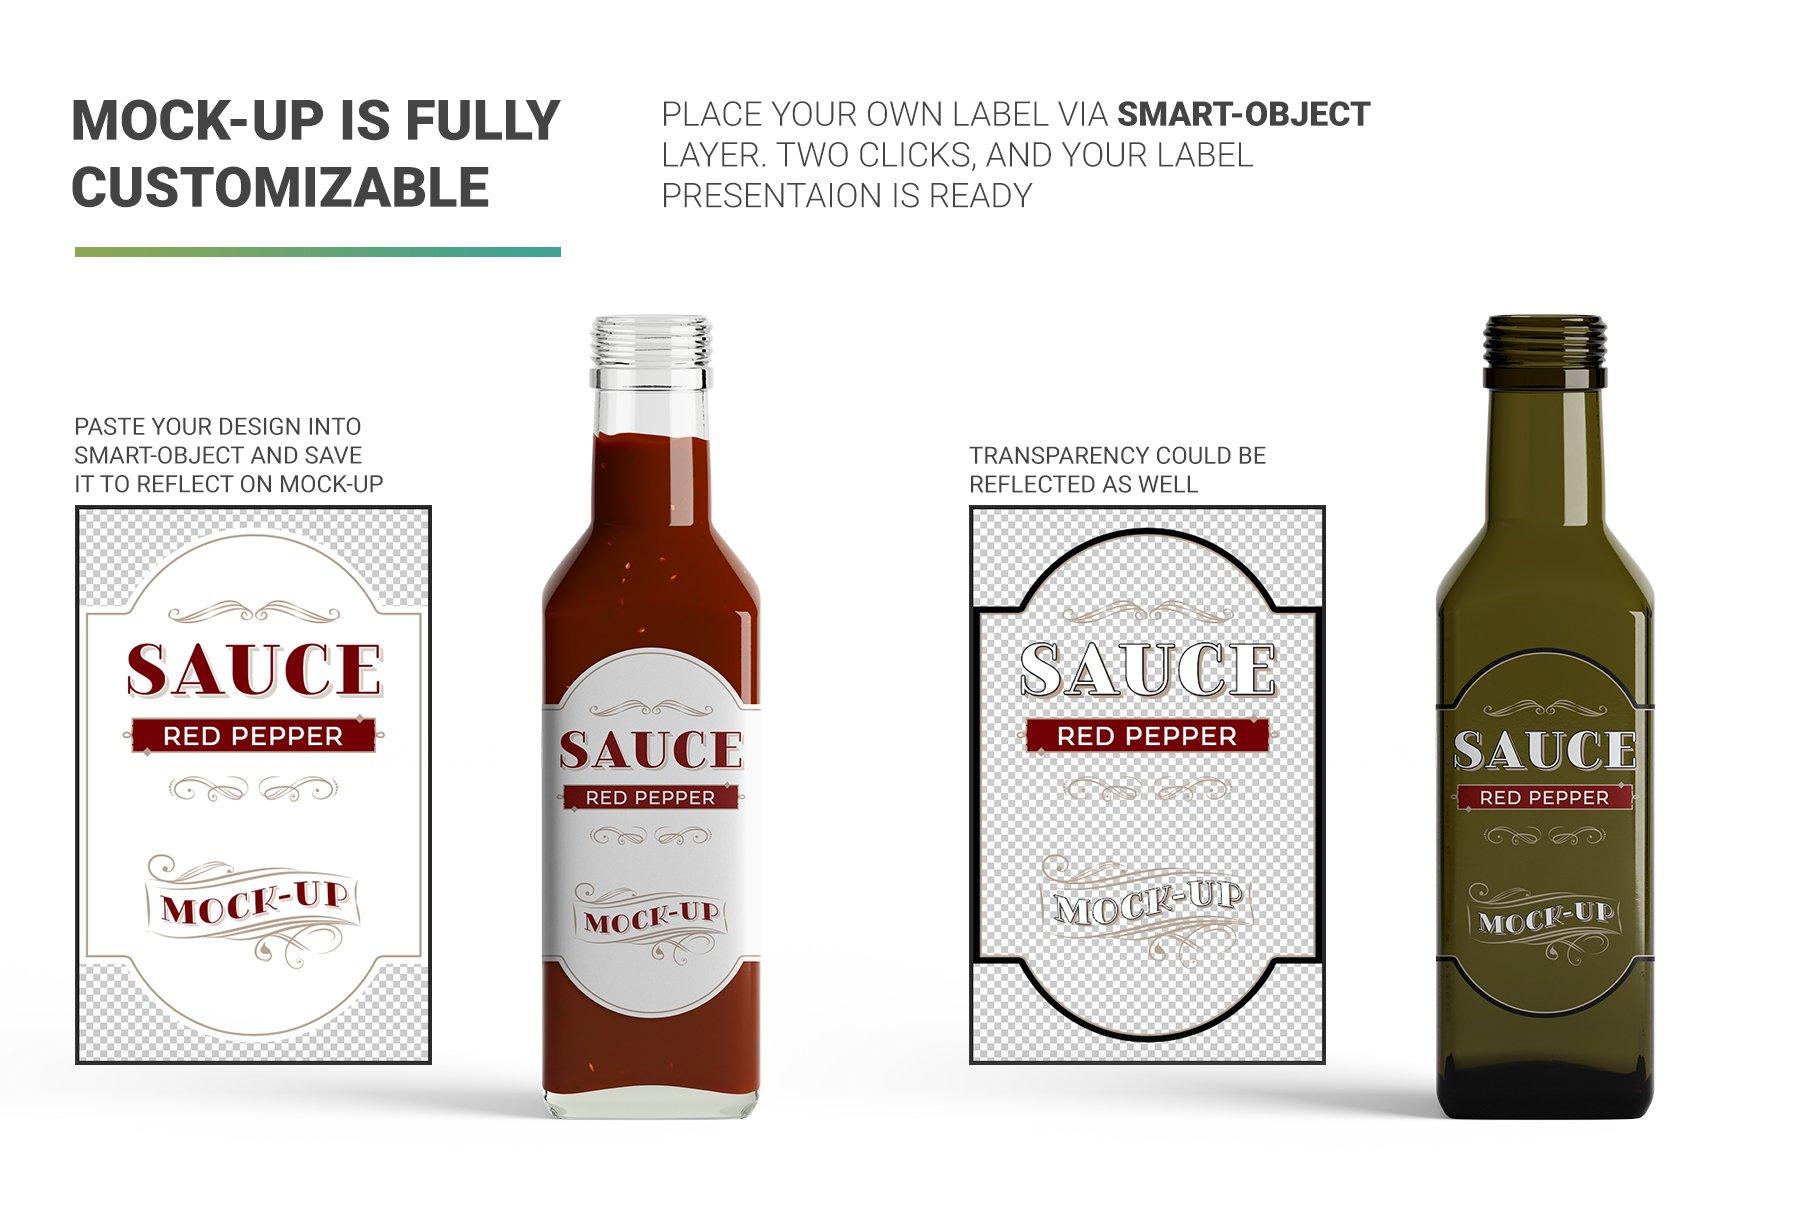 方形玻璃果酱酱油瓶样机 Sauce Bottle Mockup插图(2)